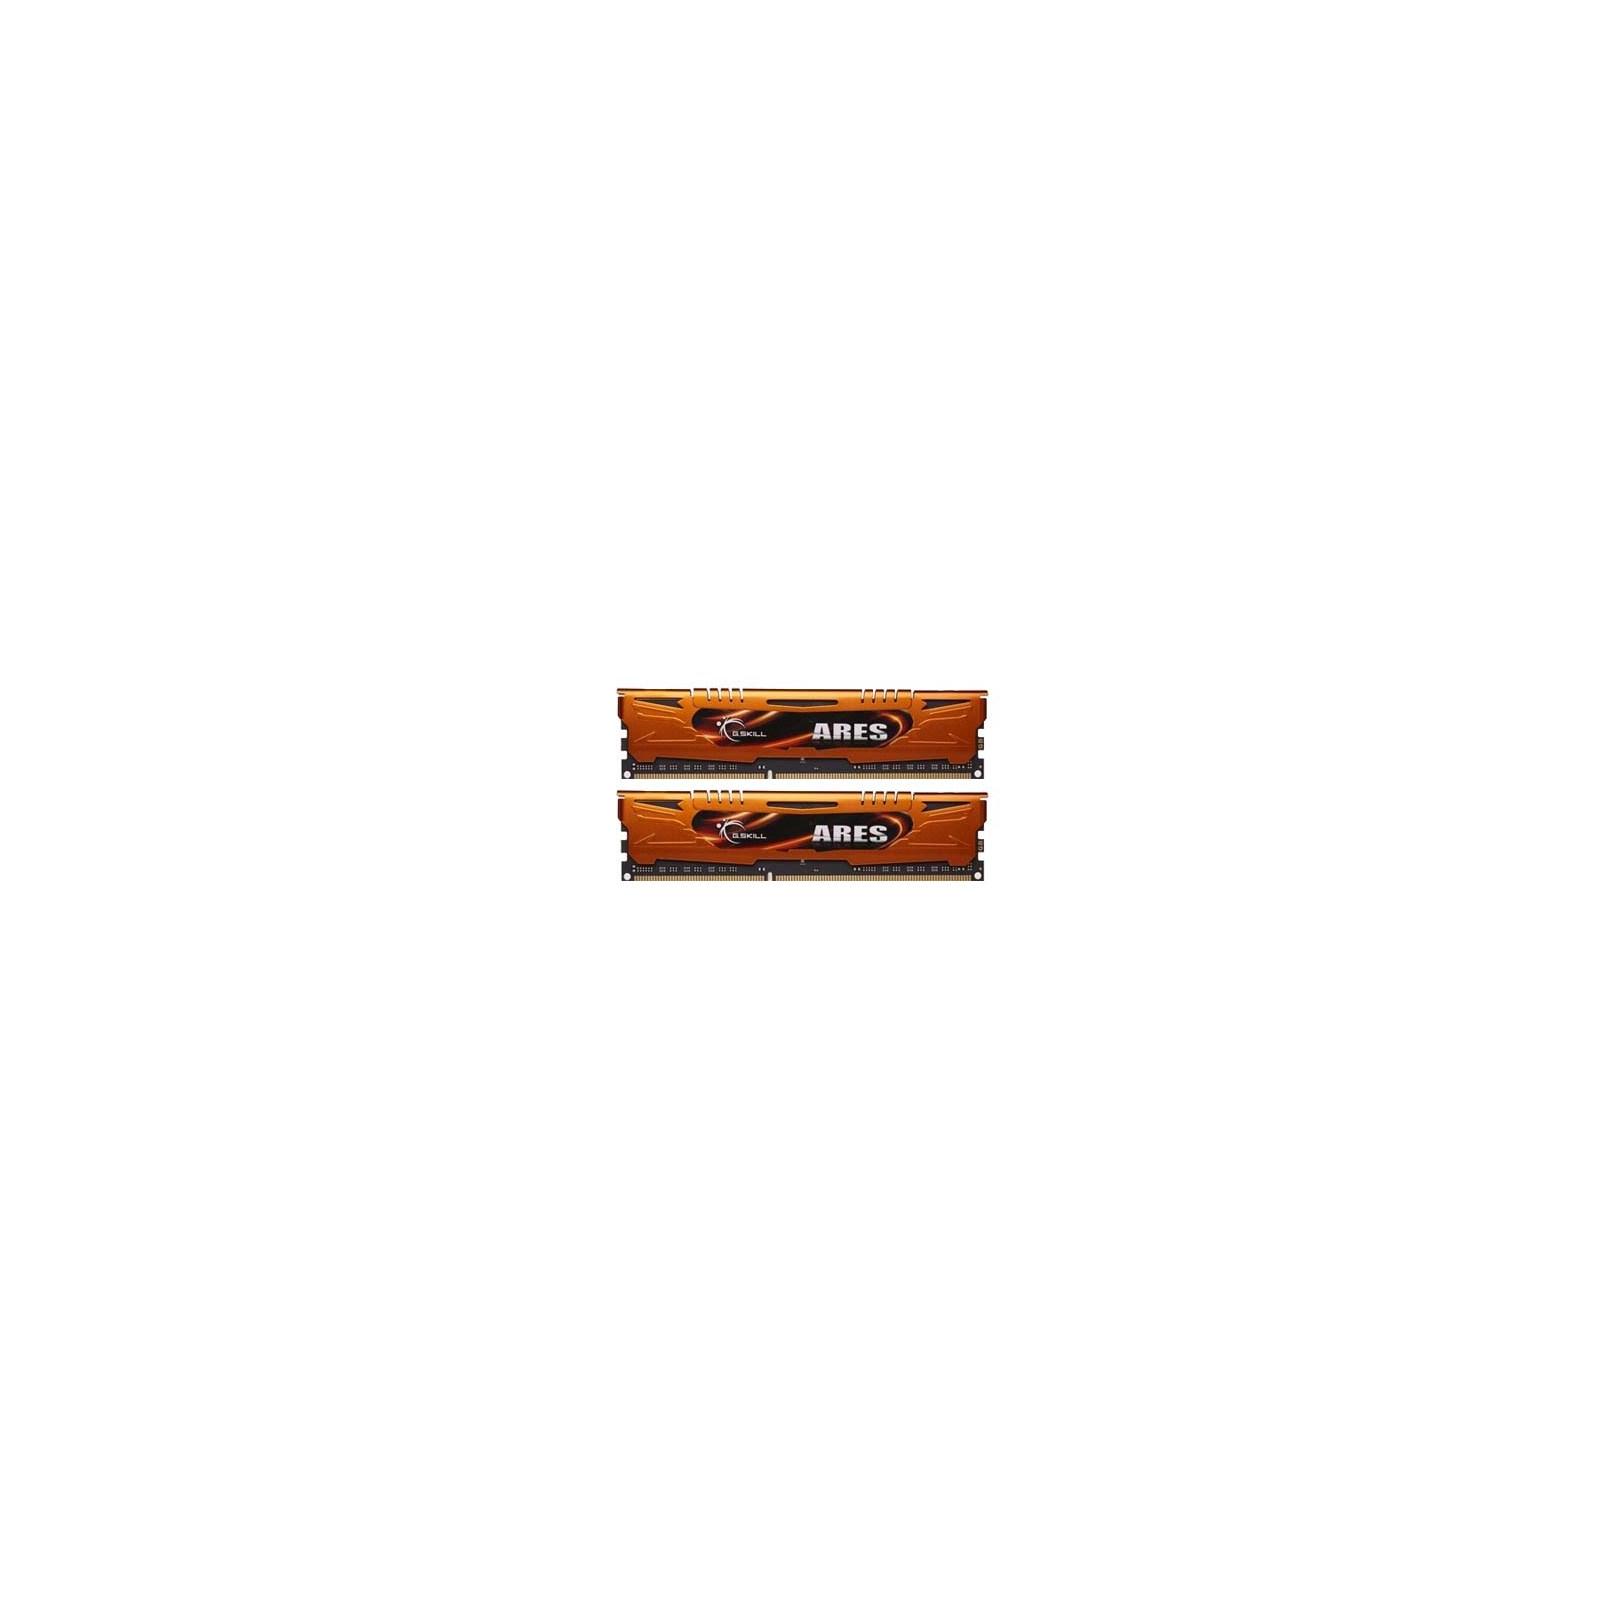 Модуль памяти для компьютера DDR3 8GB (2x4GB) 2133 MHz G.Skill (F3-2133C11D-8GAO)